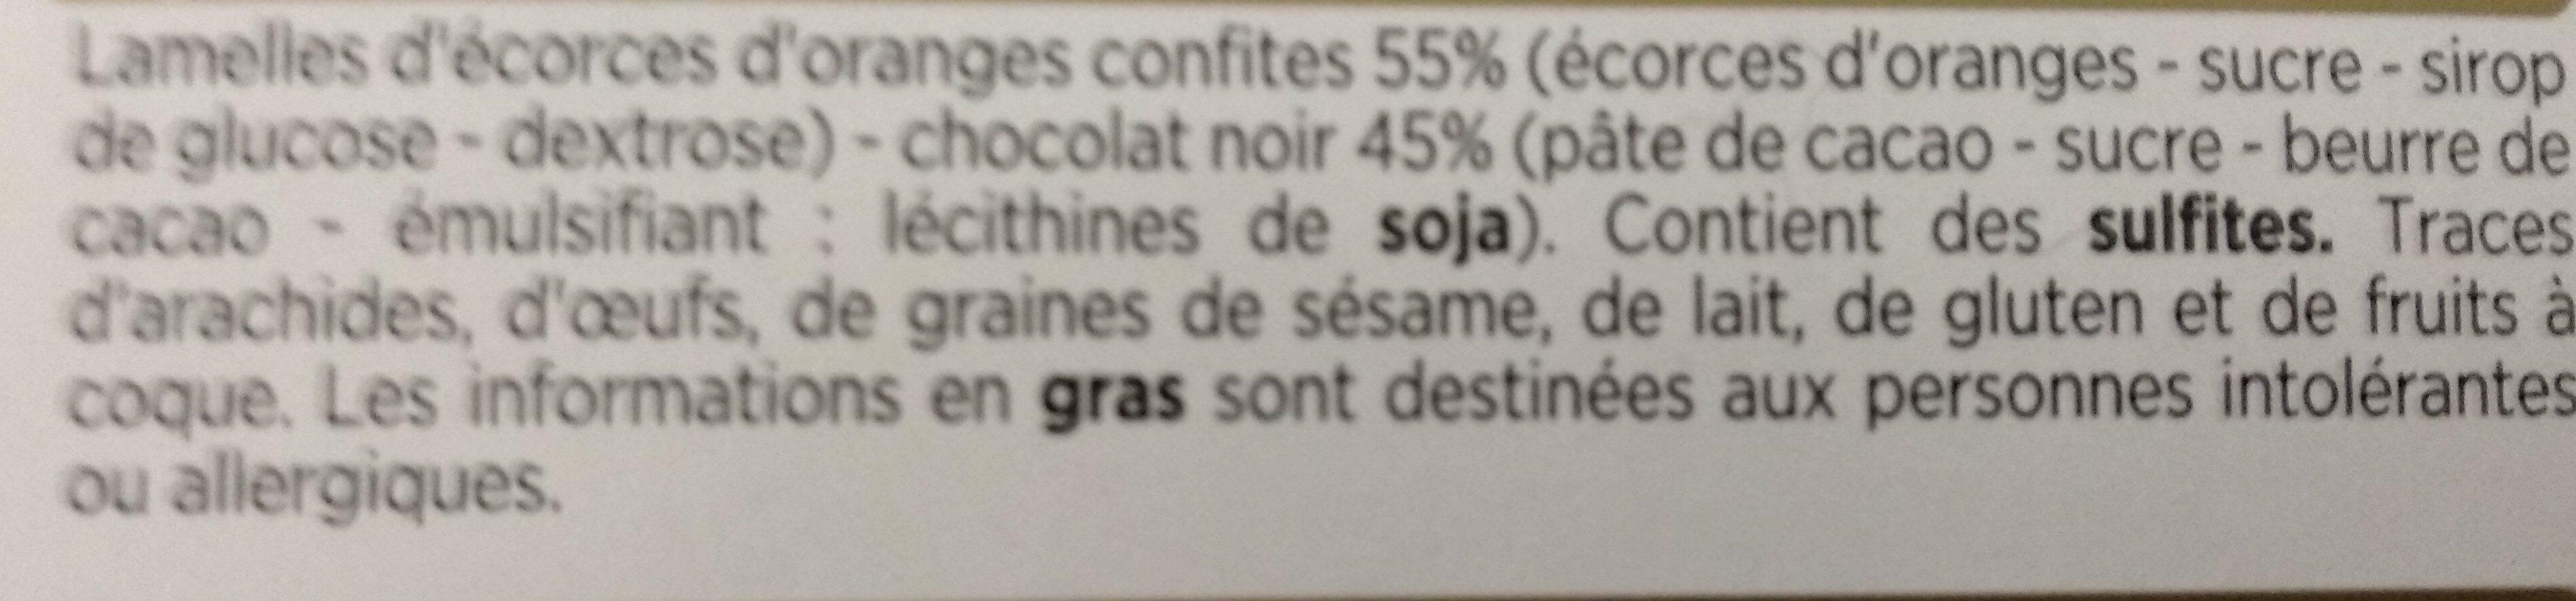 Orangettes enrobées de chocolat noir - Ingredienti - fr